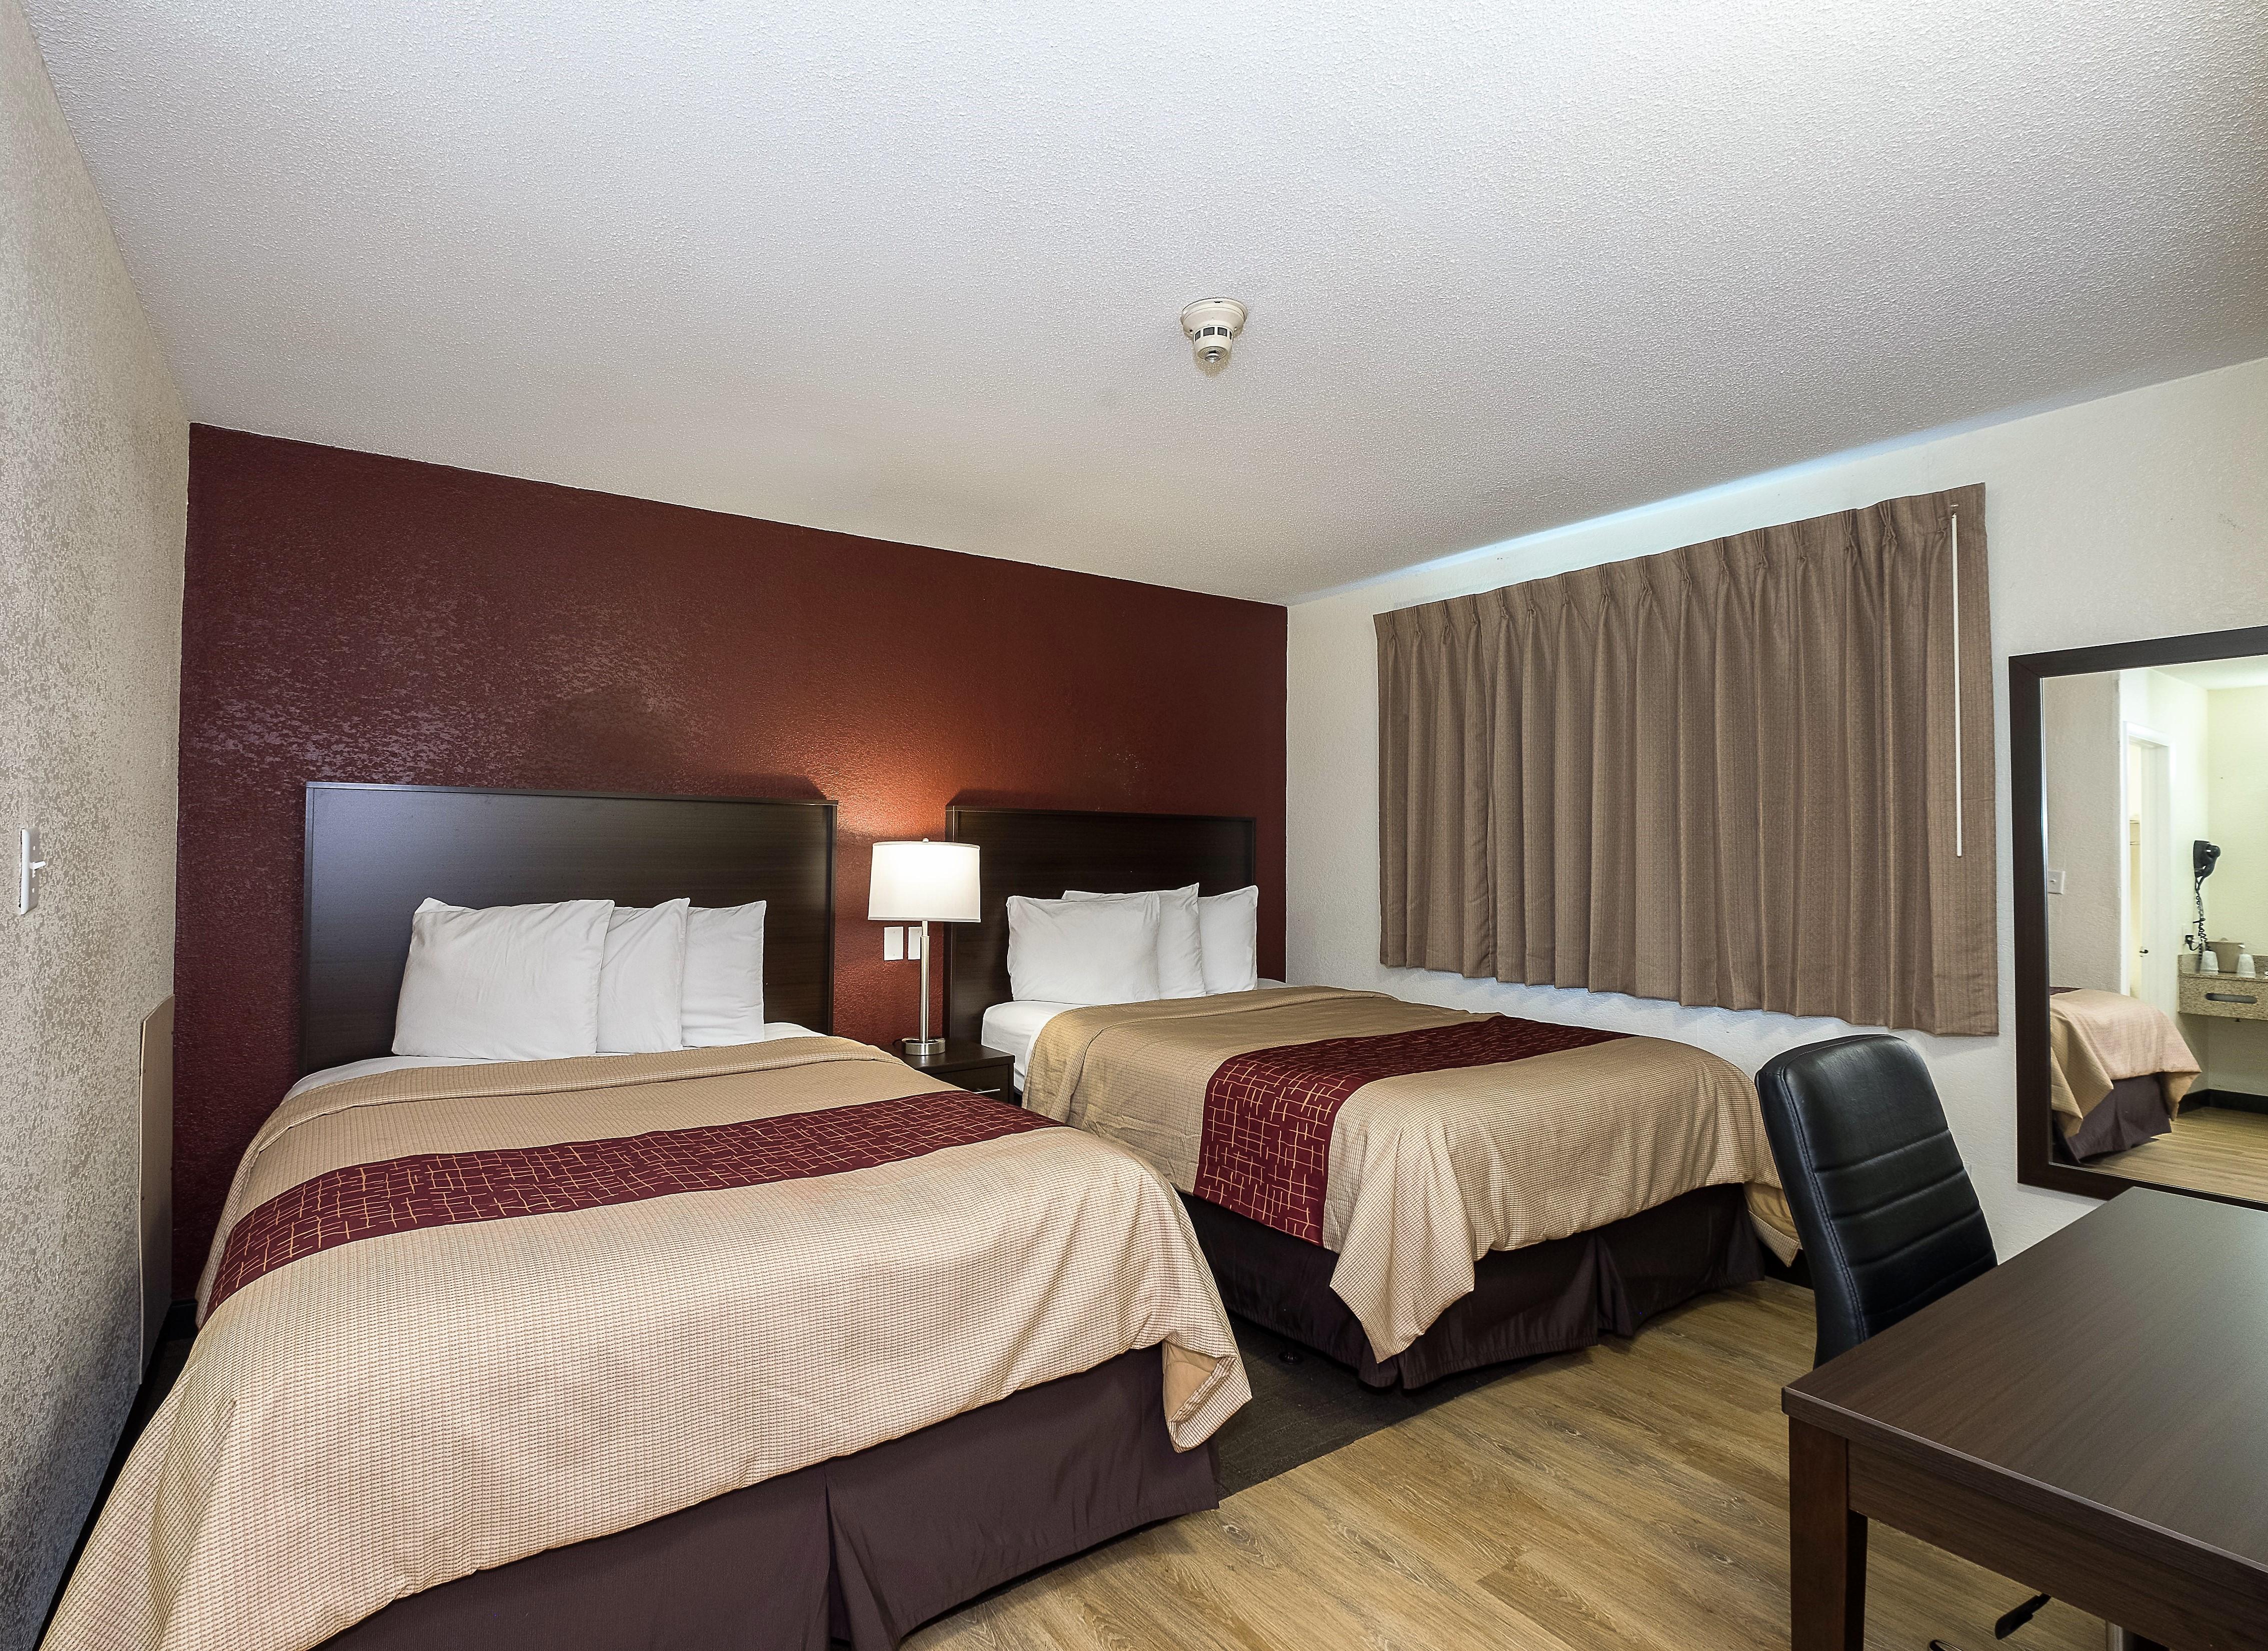 413-deluxe-2-queen-beds-5.jpg